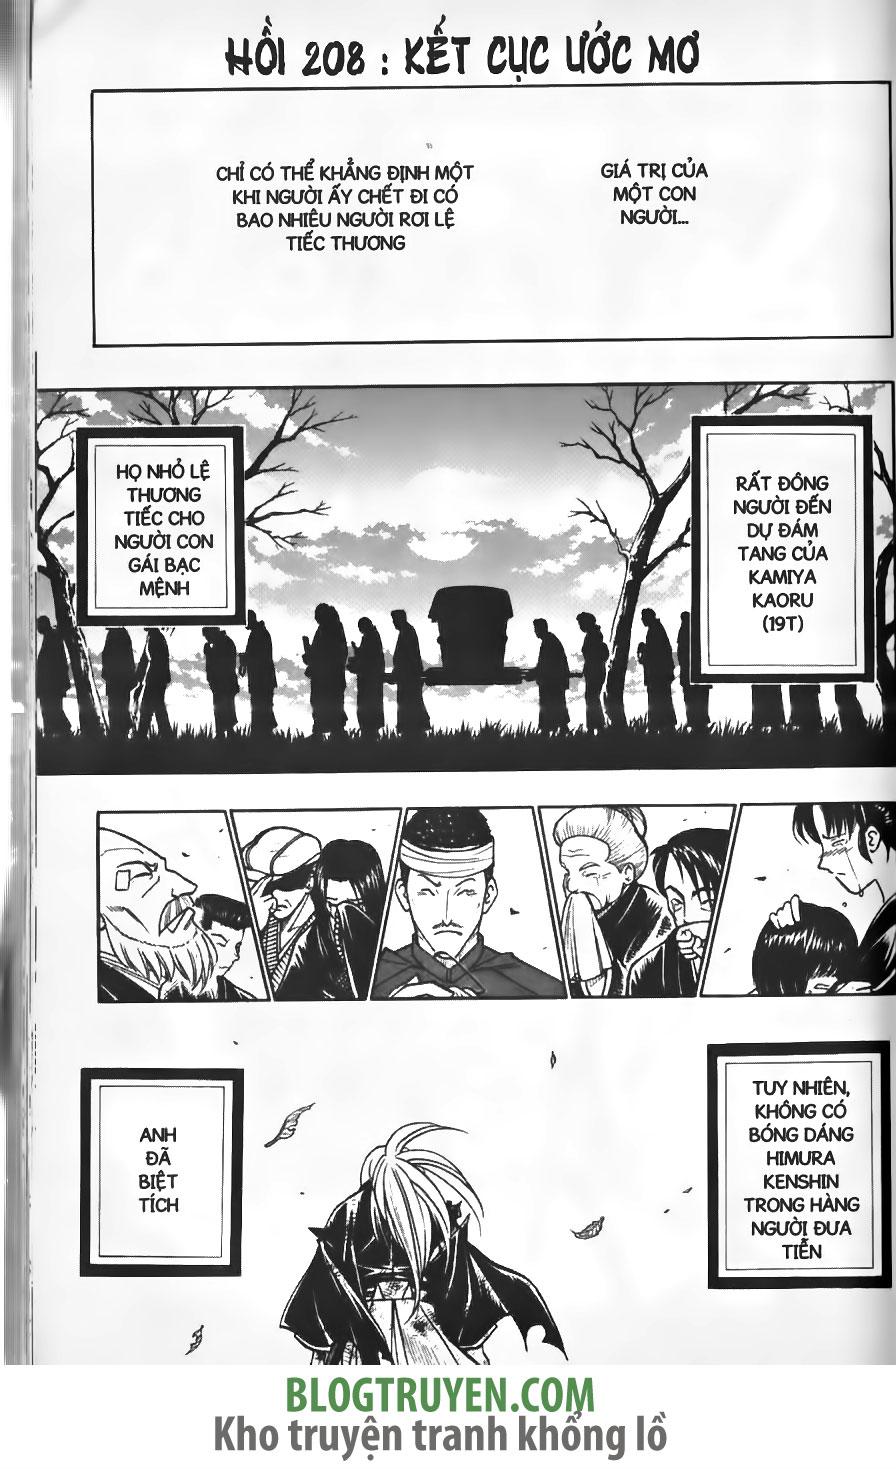 Rurouni Kenshin chap 208 trang 3